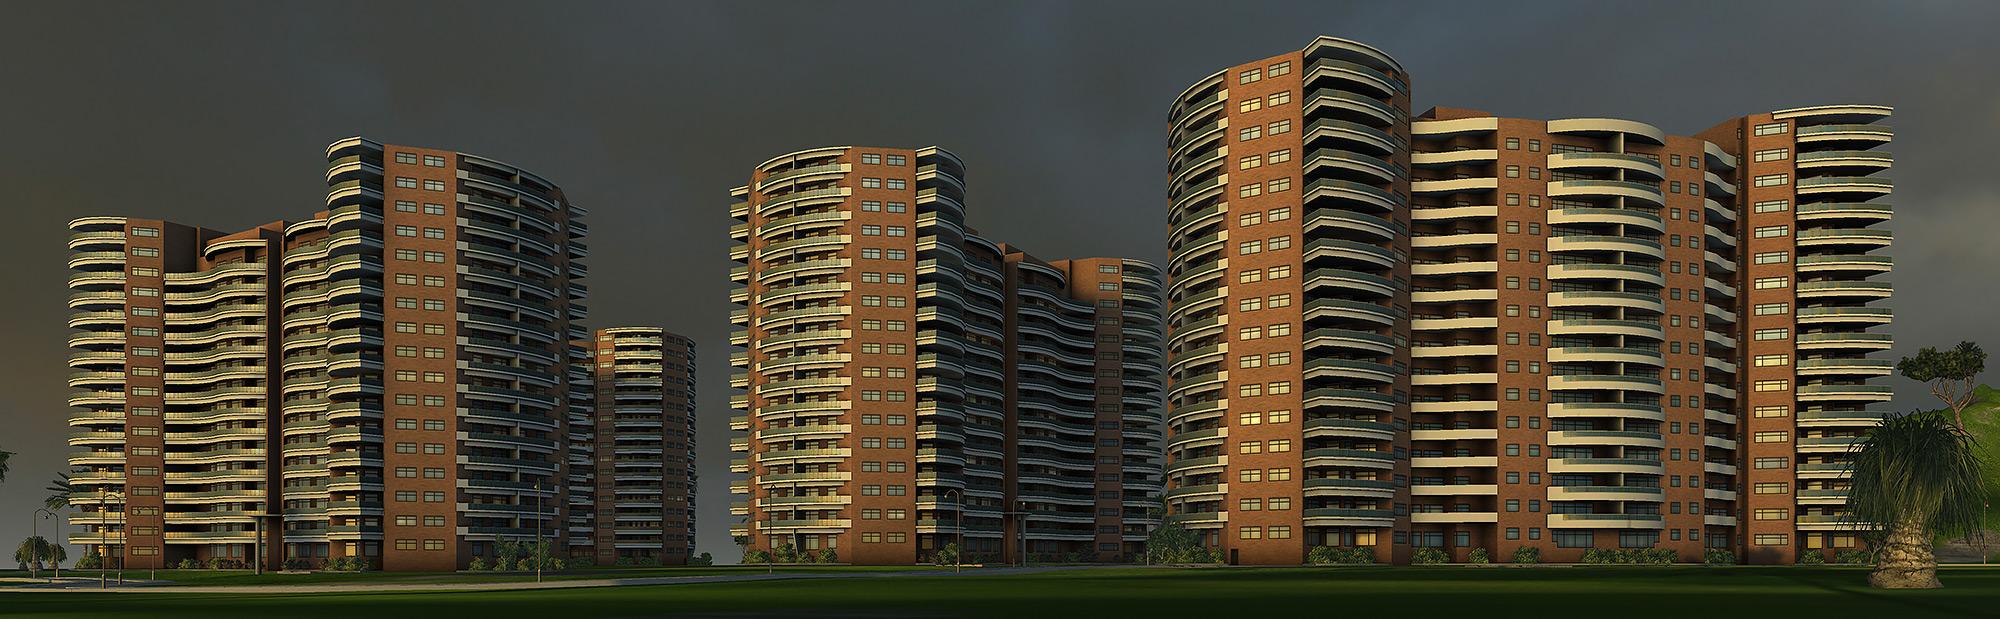 Residential03.jpg